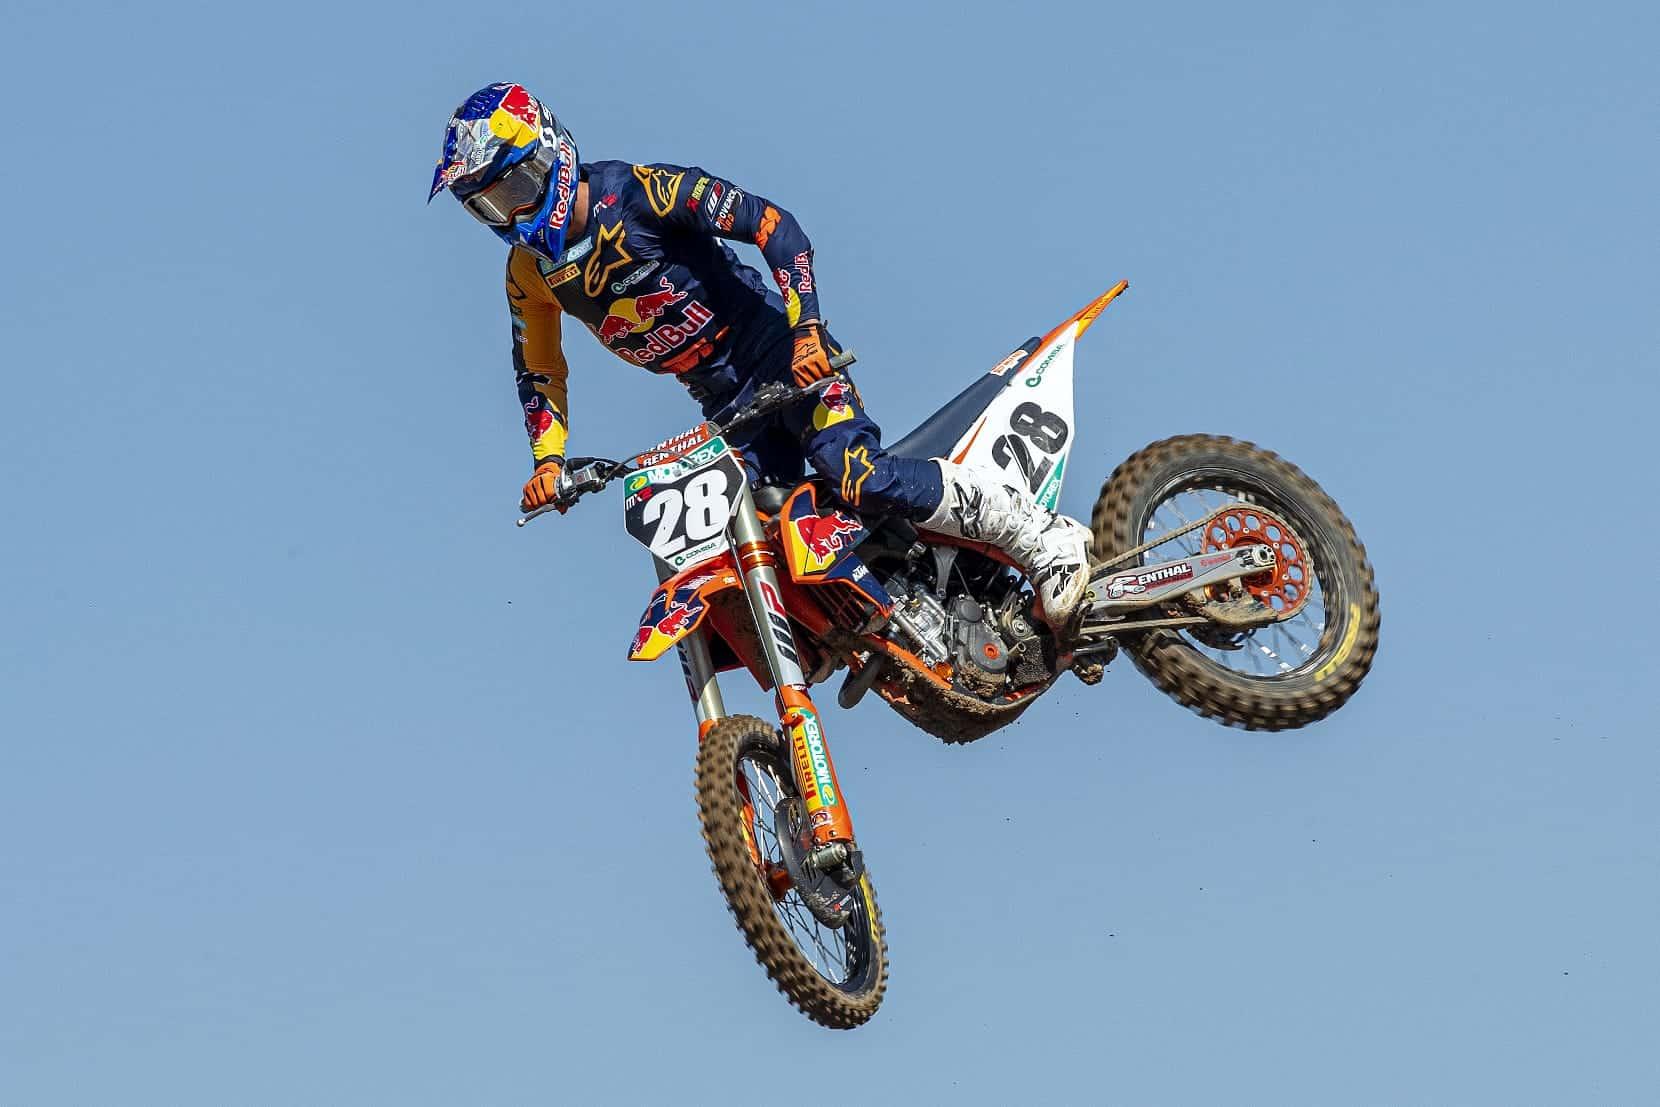 MXGP of Sardegna – Ergebnisse Klasse MX2 Wertungslauf 1